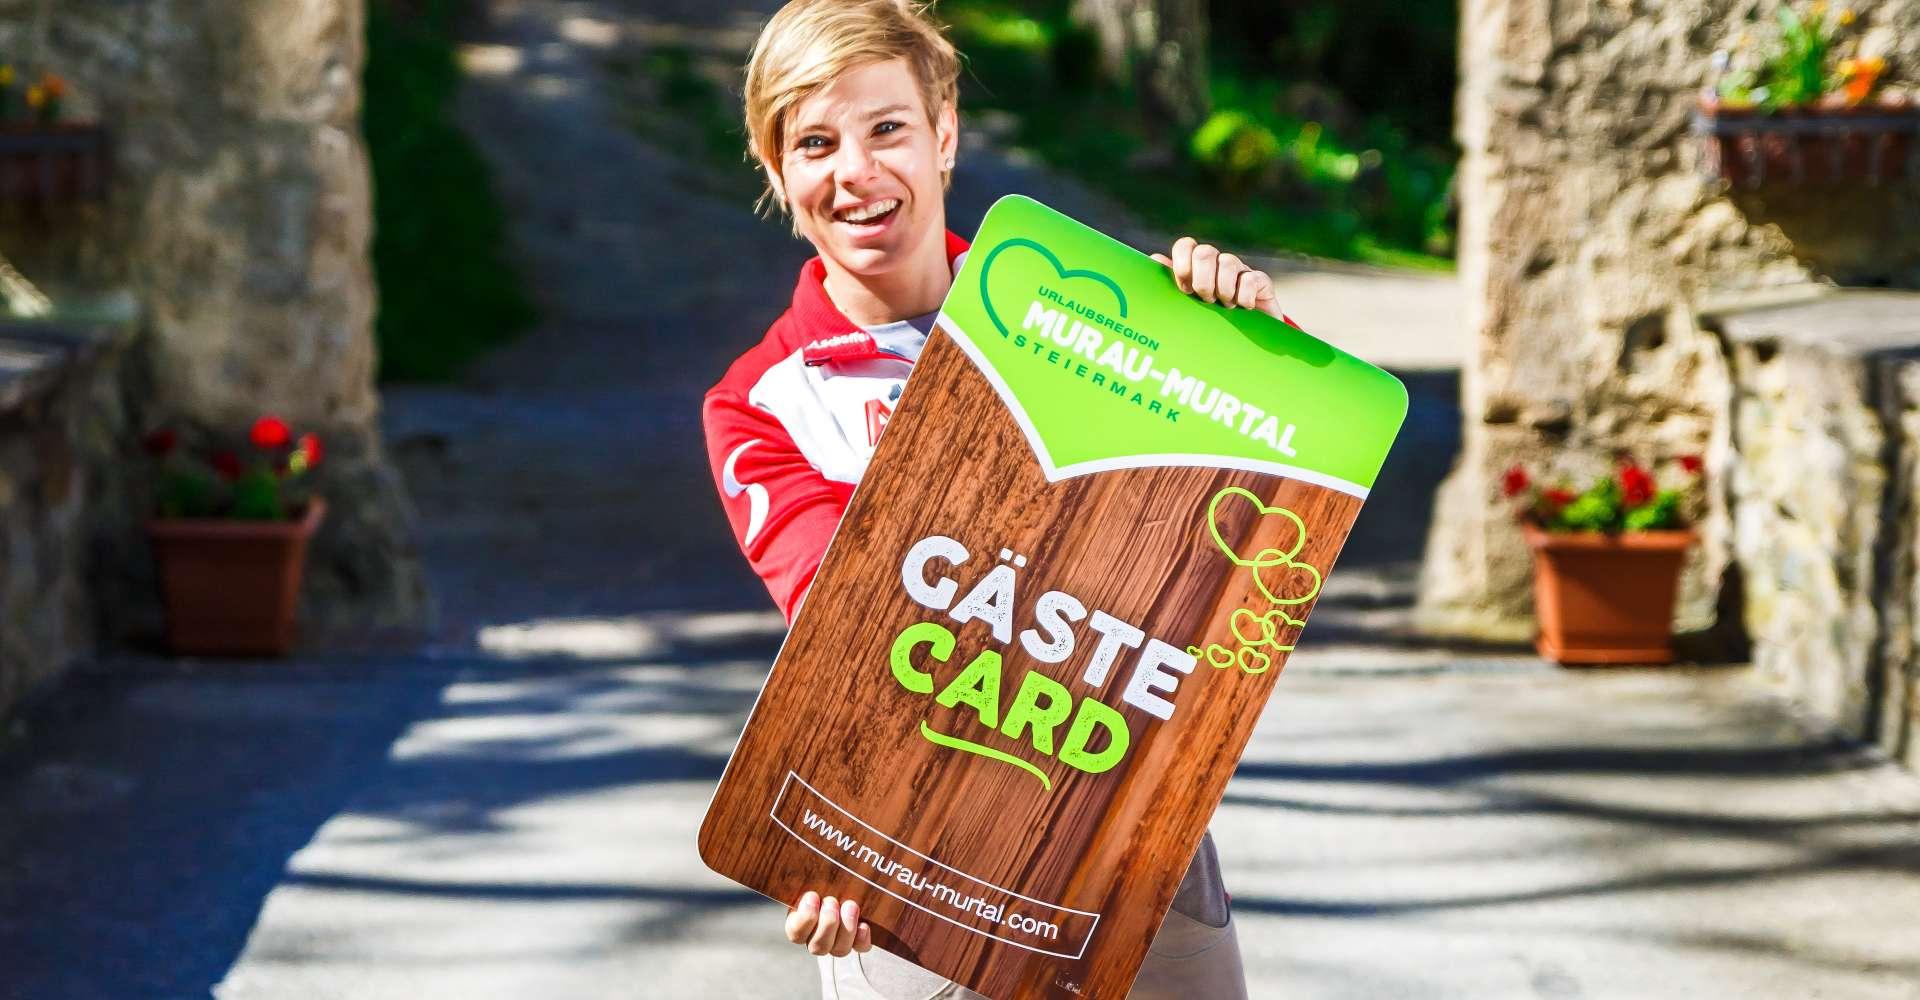 <p>Gästecard</p>